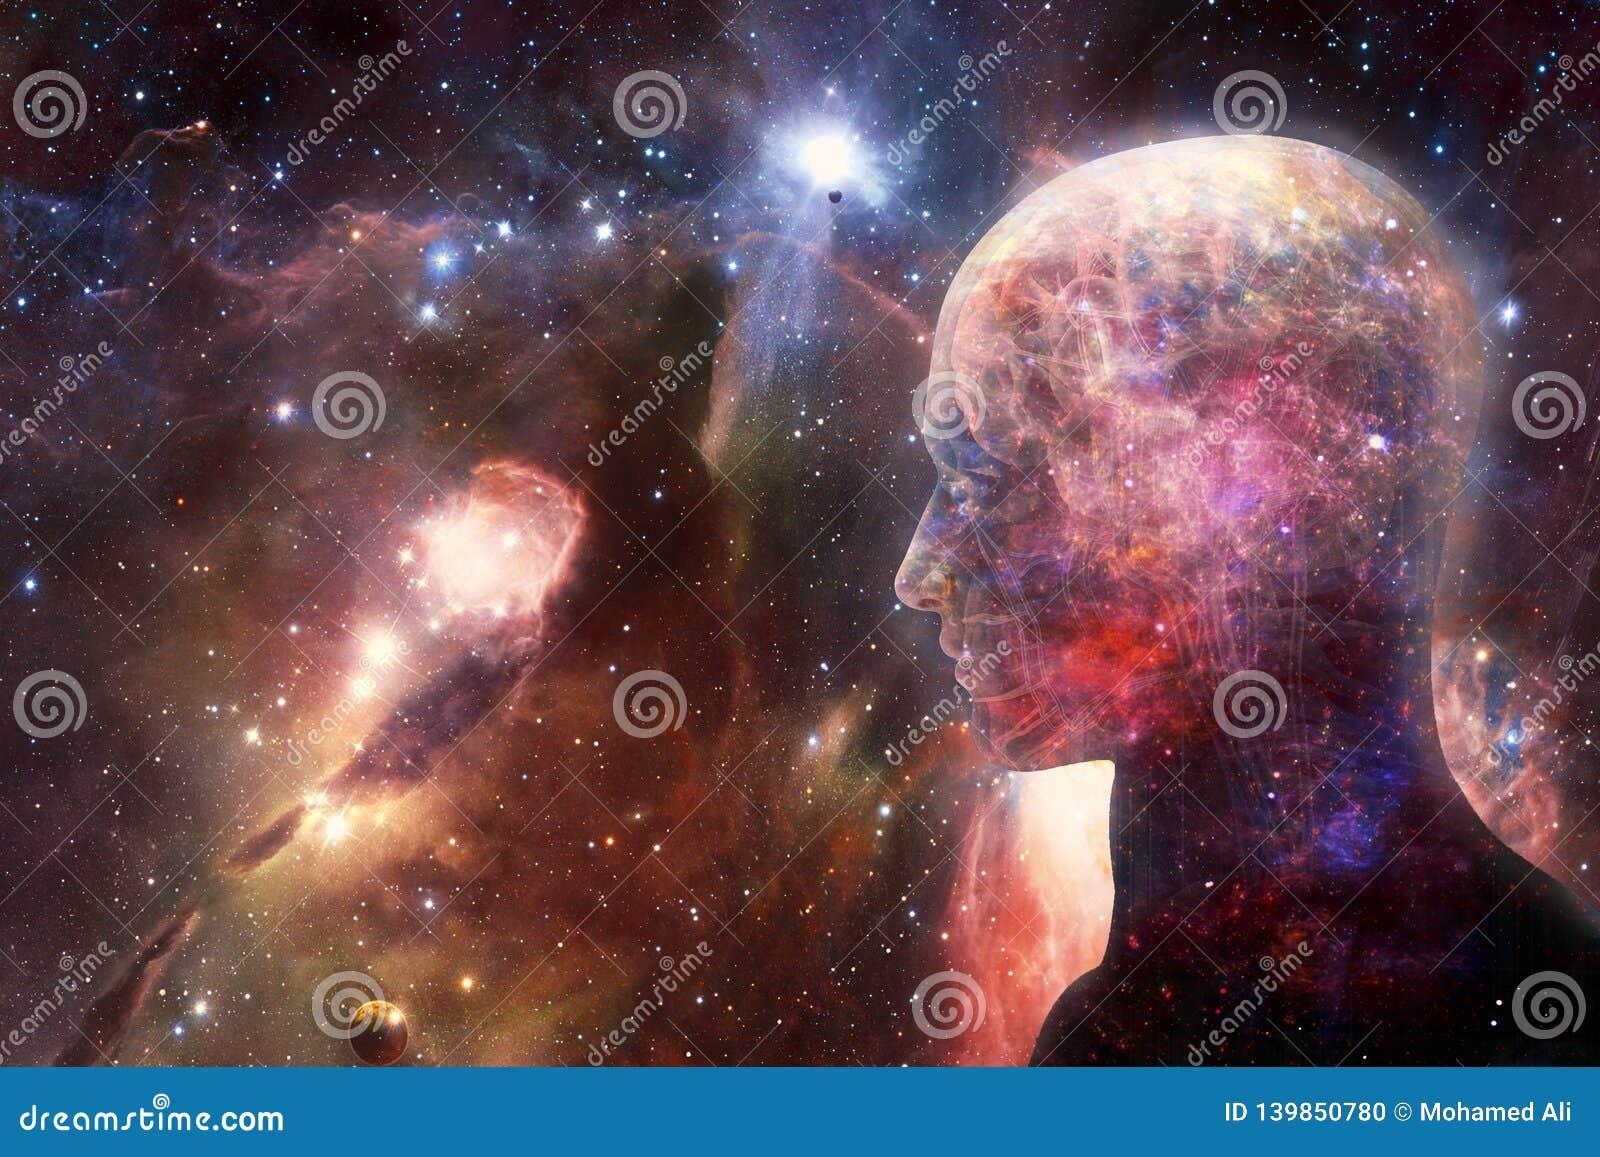 Relação inteligente artificial humana do sumário moderno artístico na arte finala lisa colorido da galáxia da nebulosa